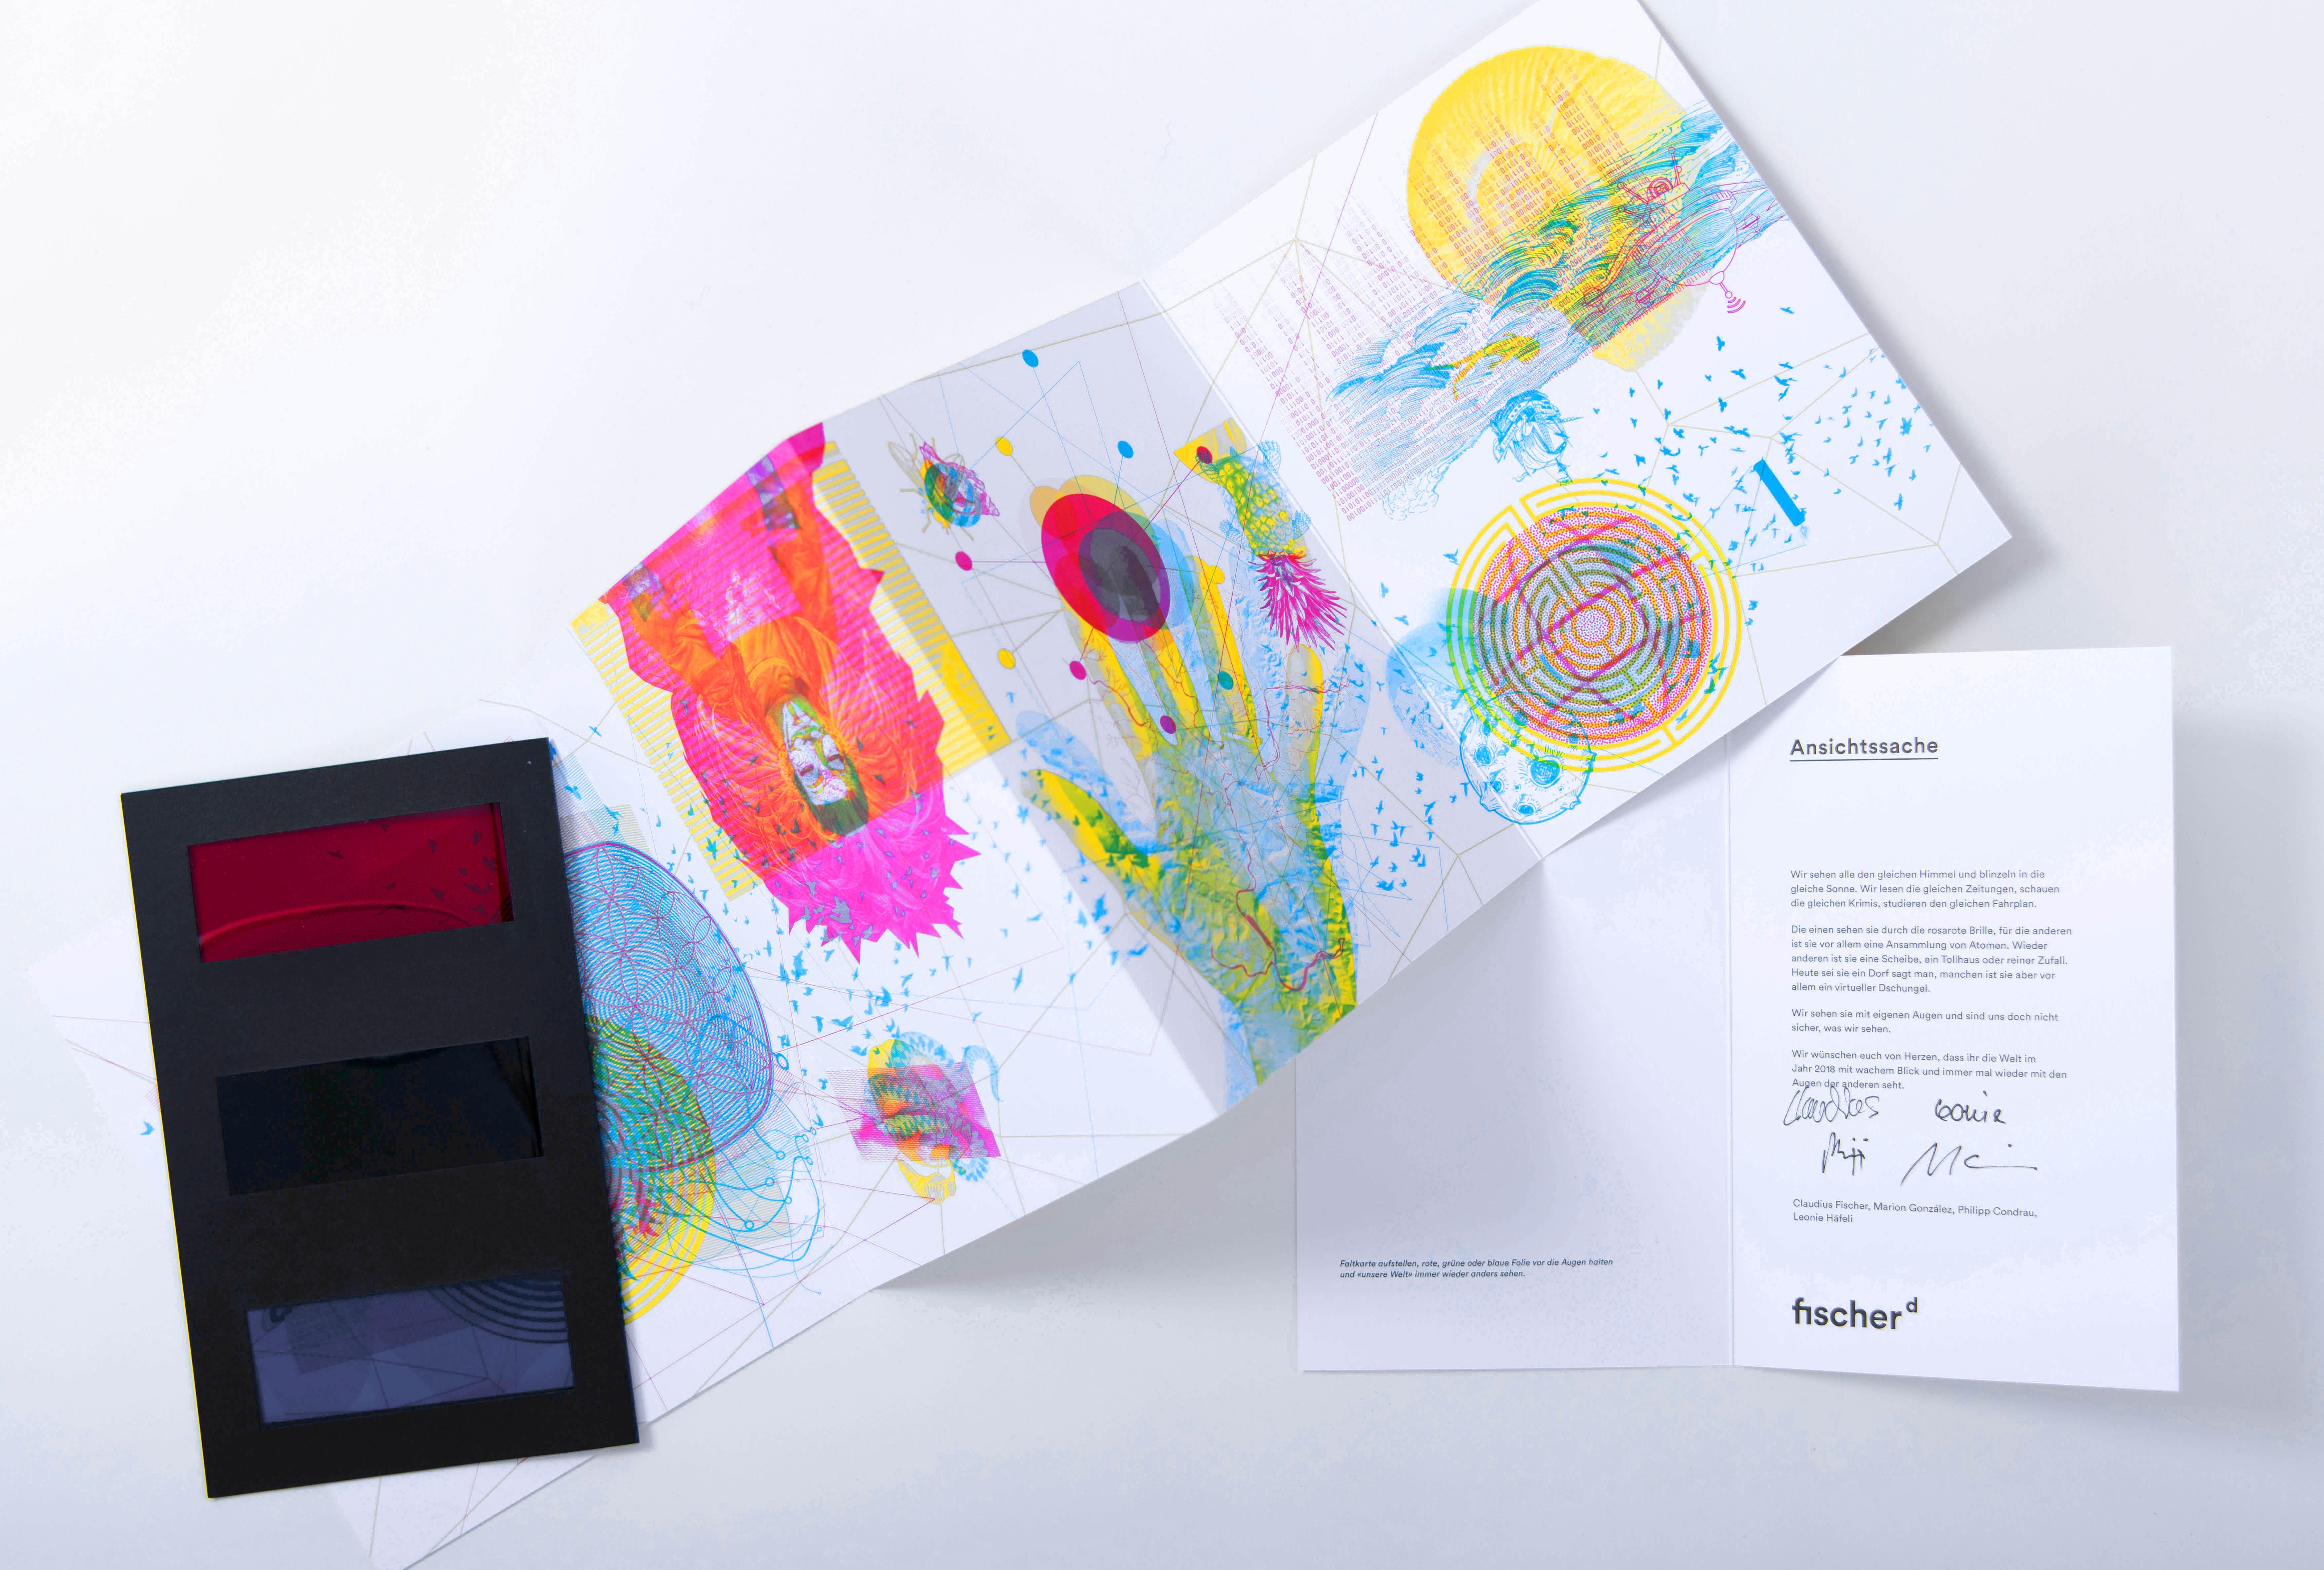 Fischerdesign – Eigenwerbung, 3-Farben Druck mit 3-farbiger Folien-Brille